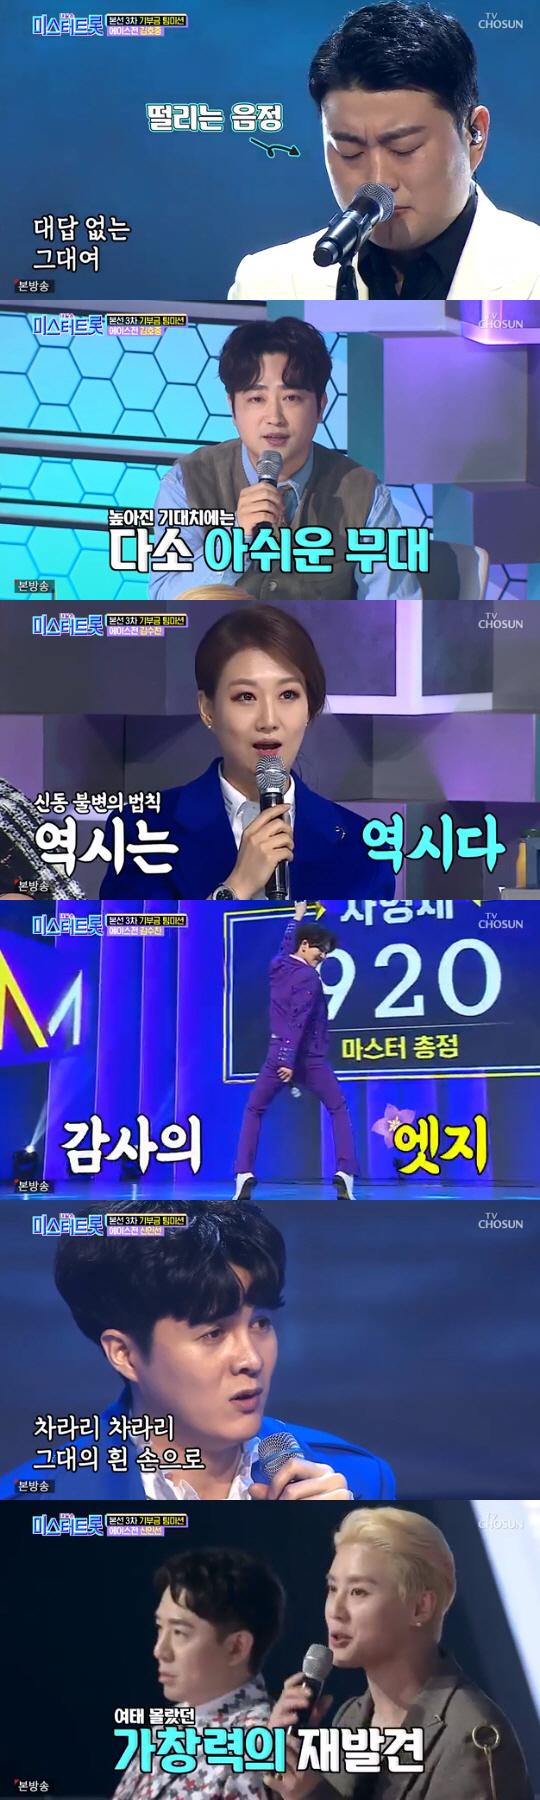 시청률 30% 넘긴 `미스터트롯`, 결승진출자 14명 공개…3차 `진` 임영웅